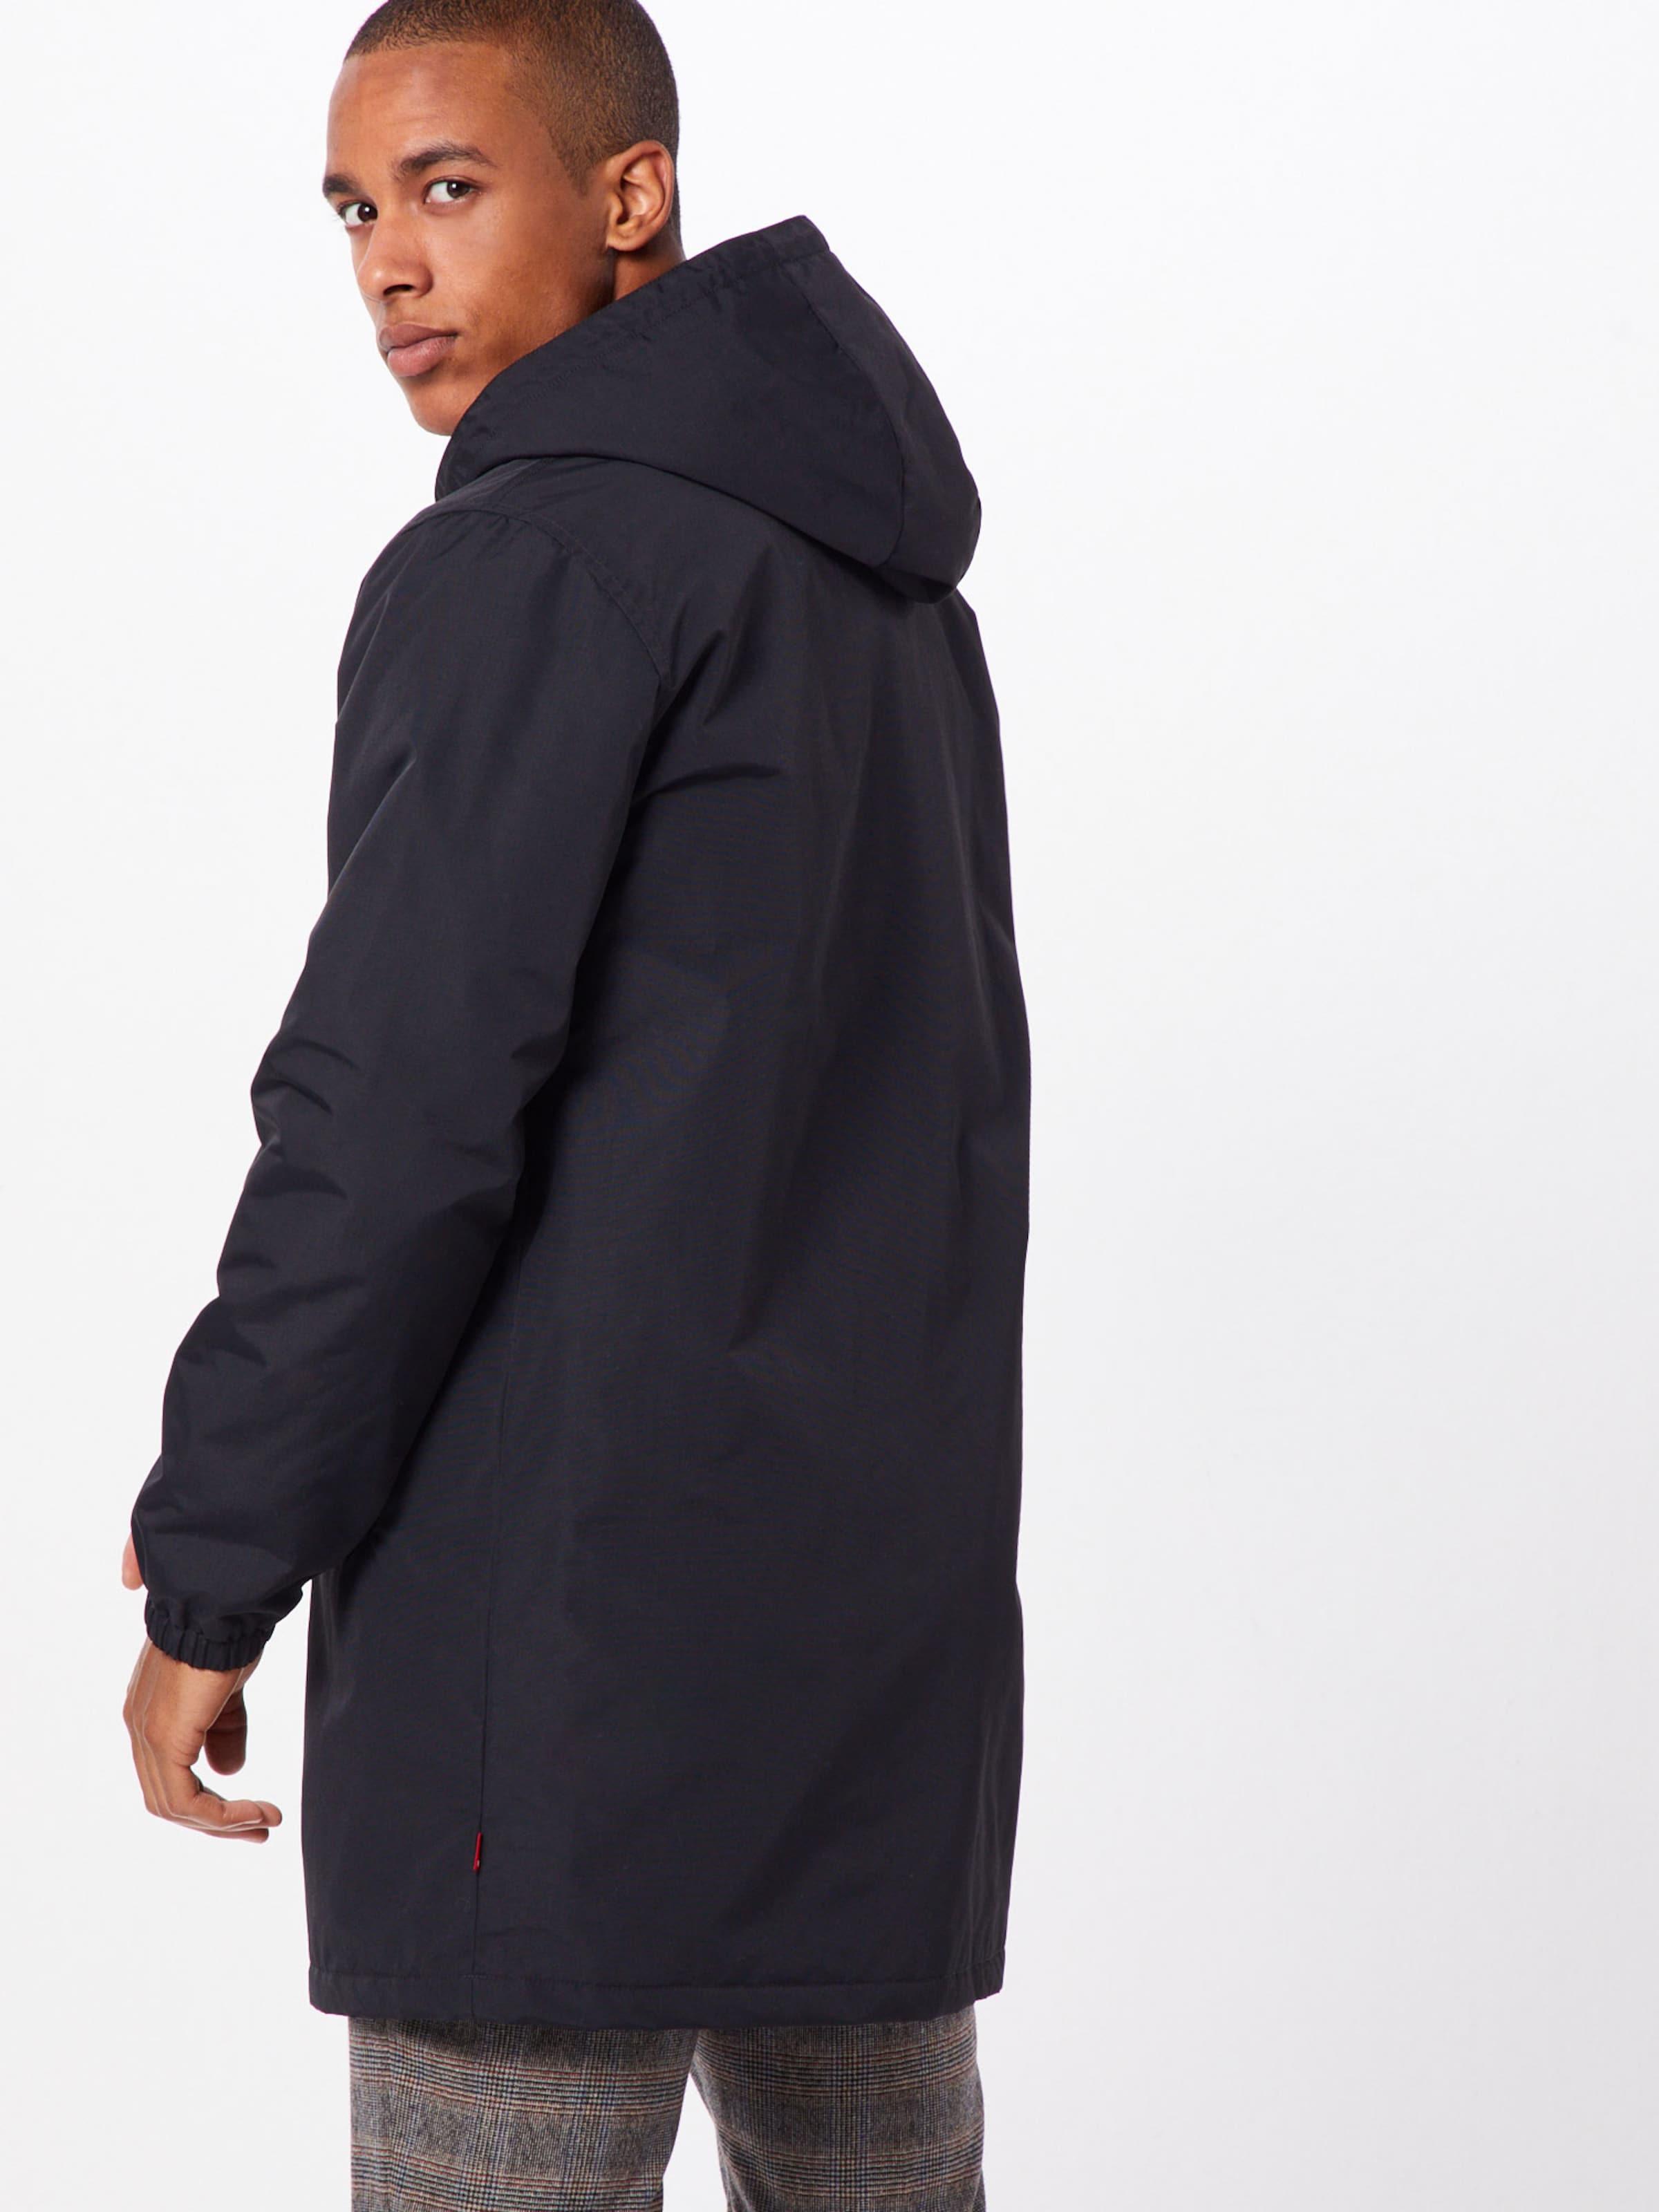 Jacke Levi's Schwarz Levi's Jacke In Levi's In Schwarz Schwarz Jacke In Jacke In Levi's WE9IDY2He